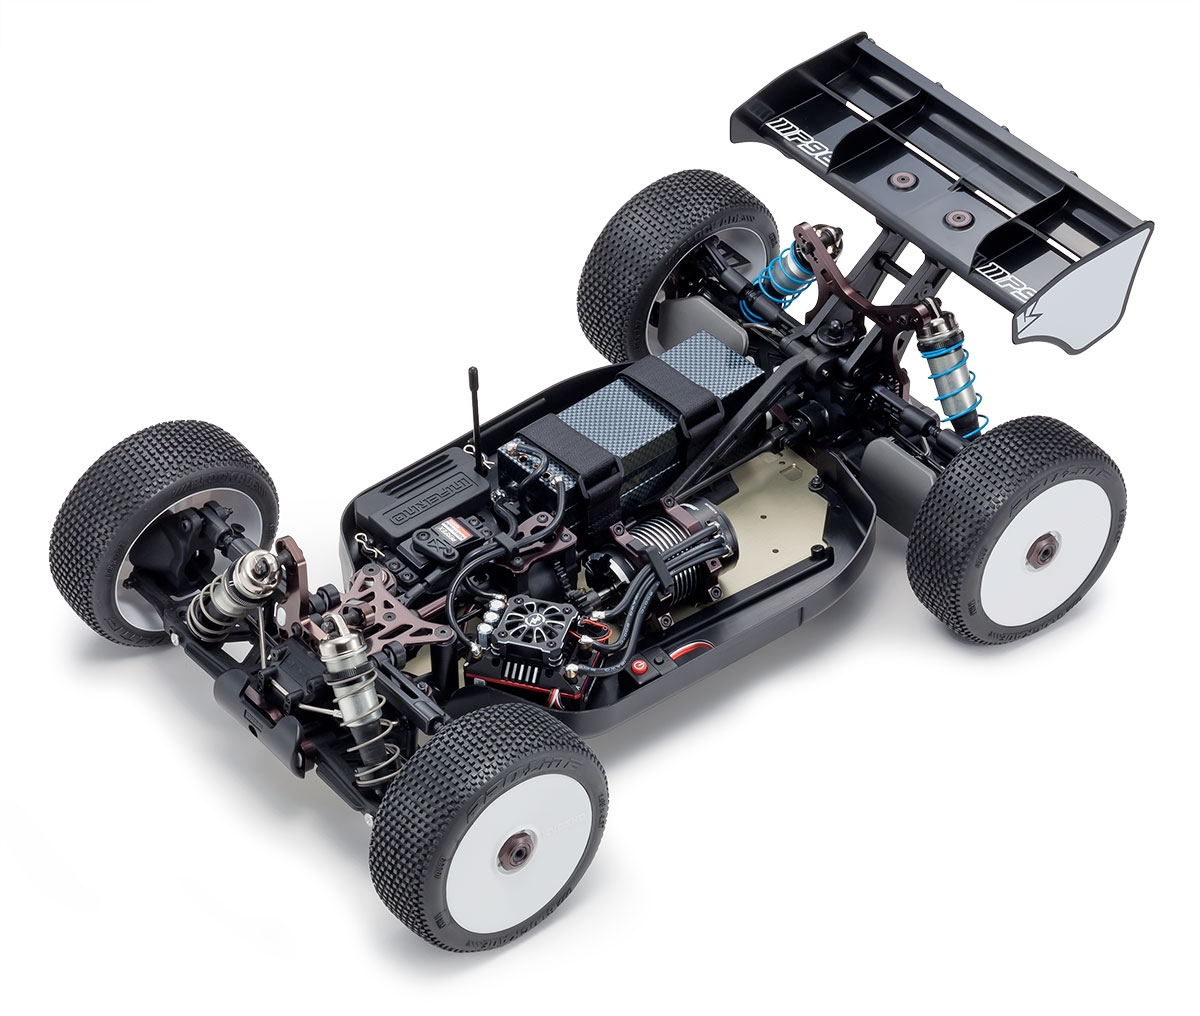 inferno_mp9e_evo chassis image